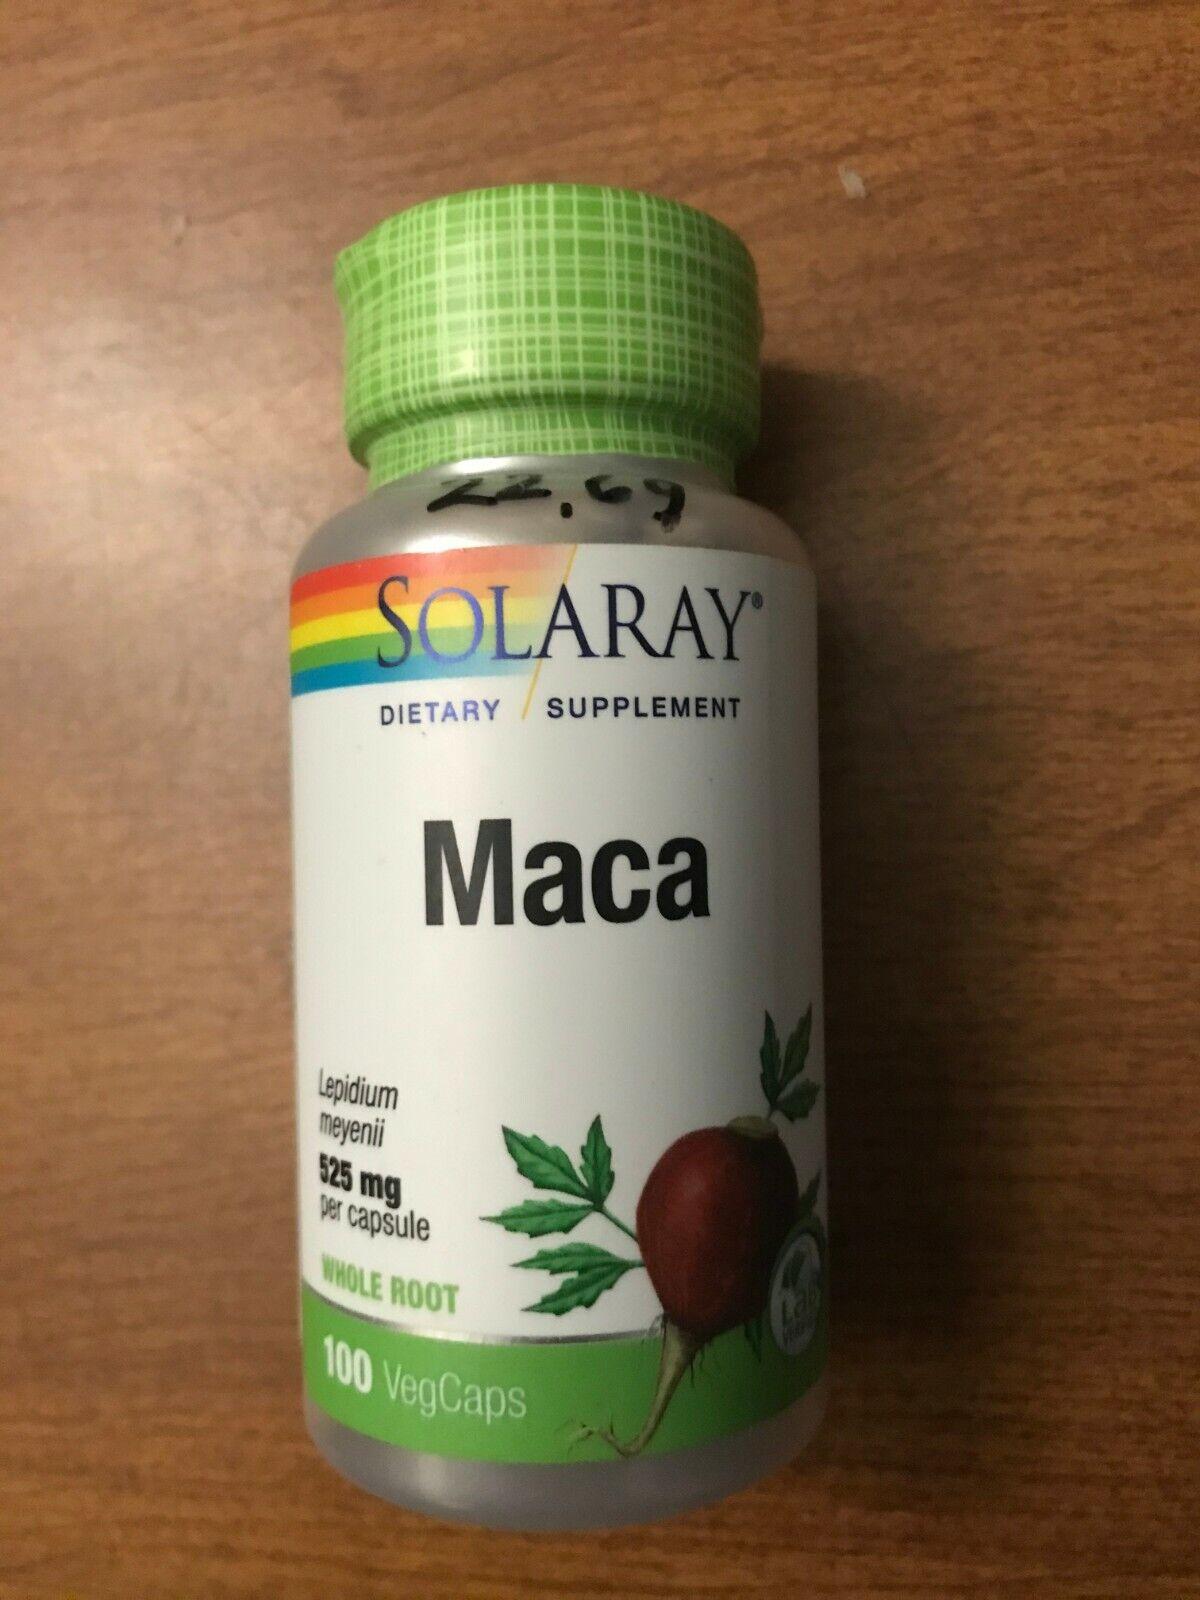 Solaray Maca Whole Root  525 mg 100 Veg Caps